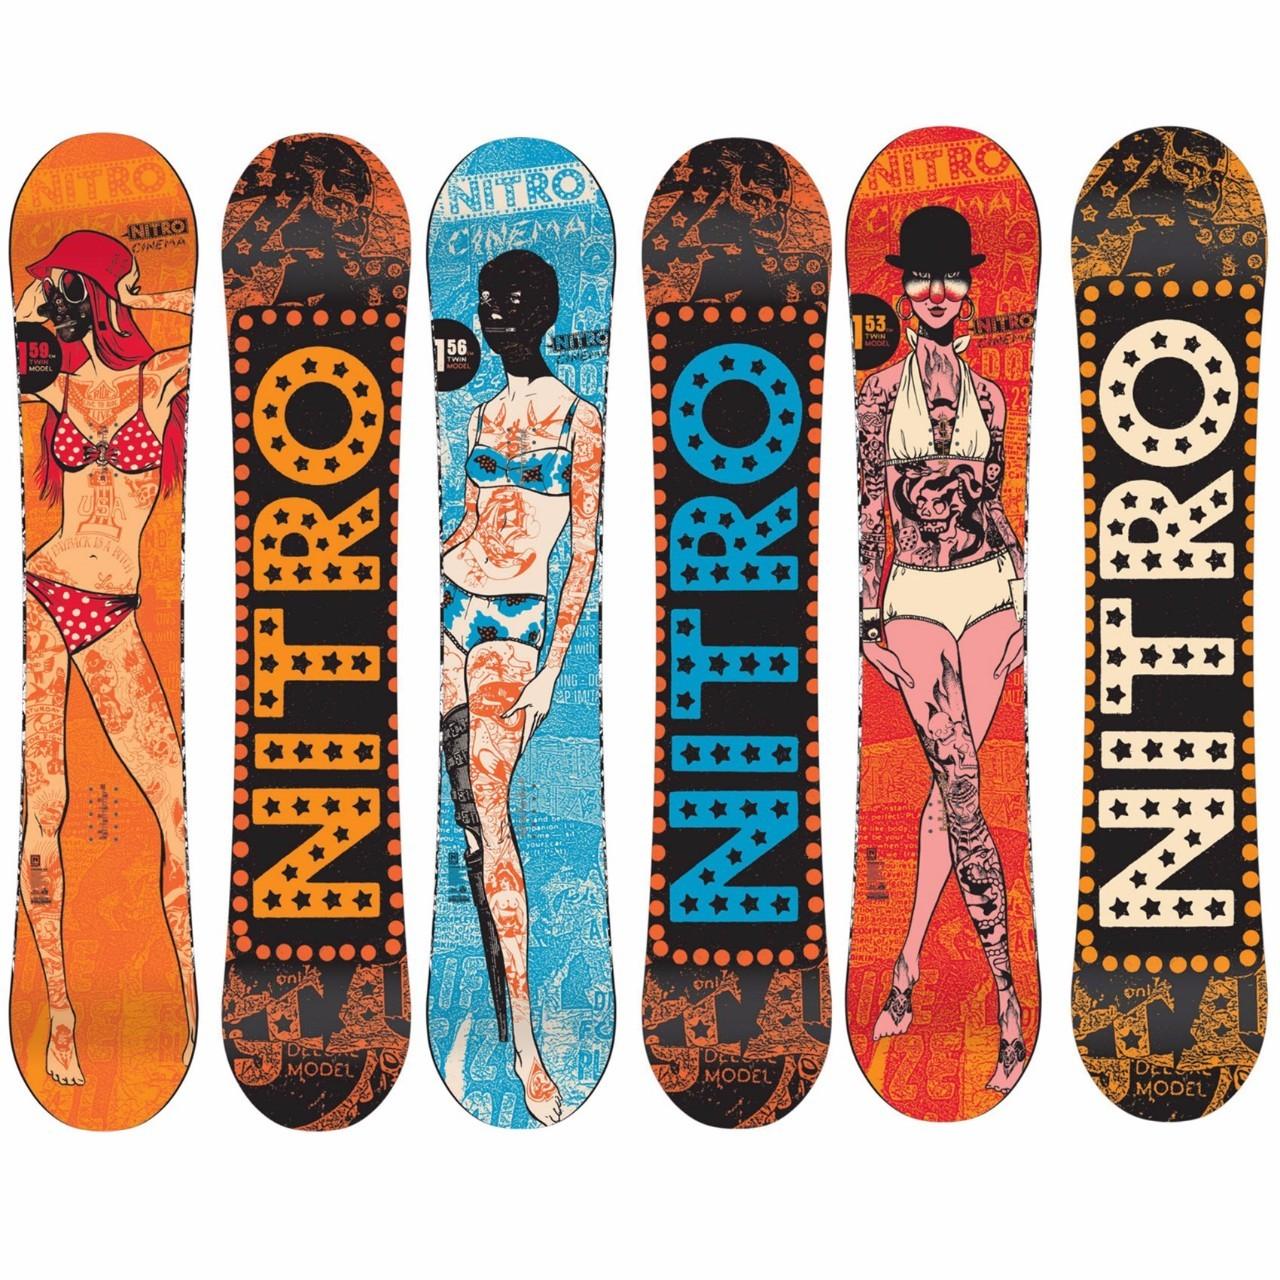 这才是打开雪季的正确方式:6大滑雪服品牌+6个全球最佳雪场,美美地去玩雪【12月旅行灵感】